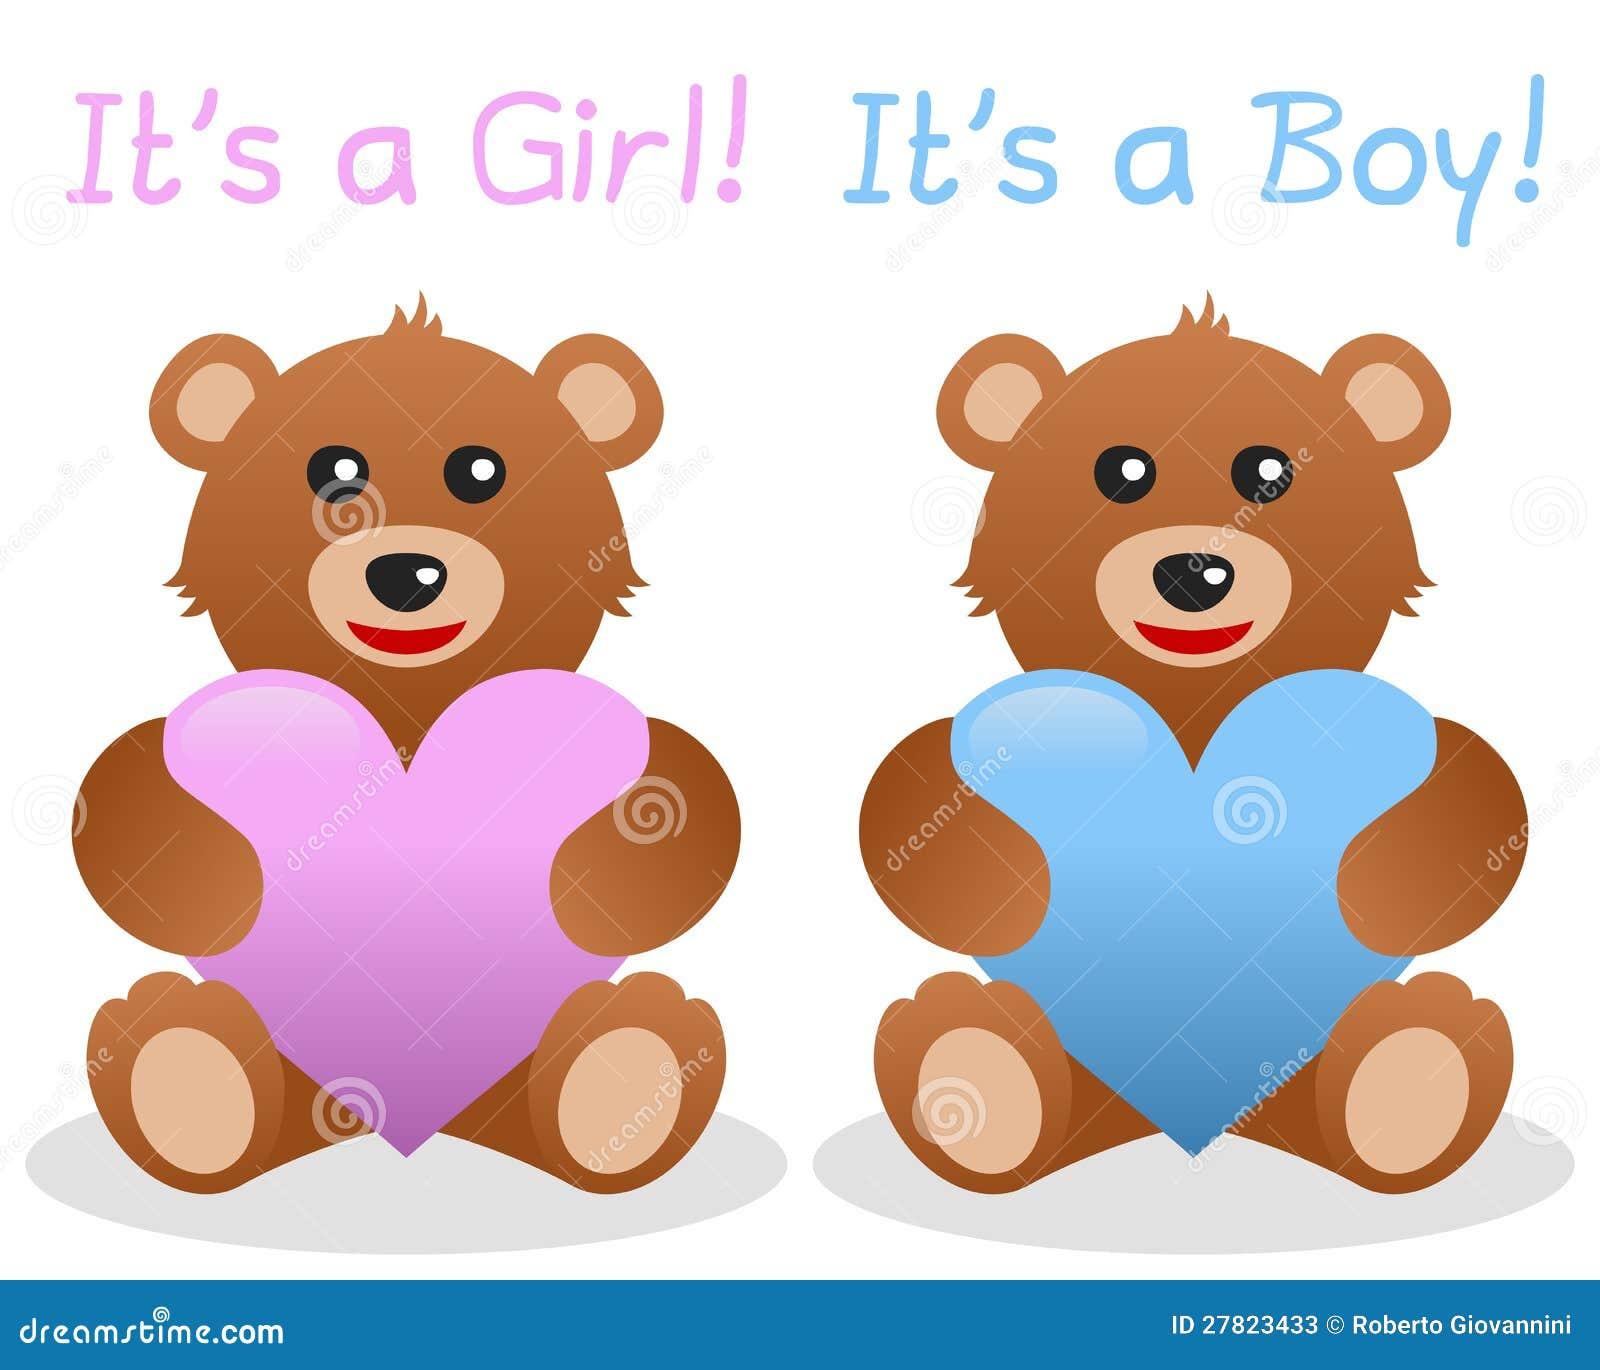 Seu Um Urso Da Peluche Da Menina E Do Menino Ilustracao Do Vetor